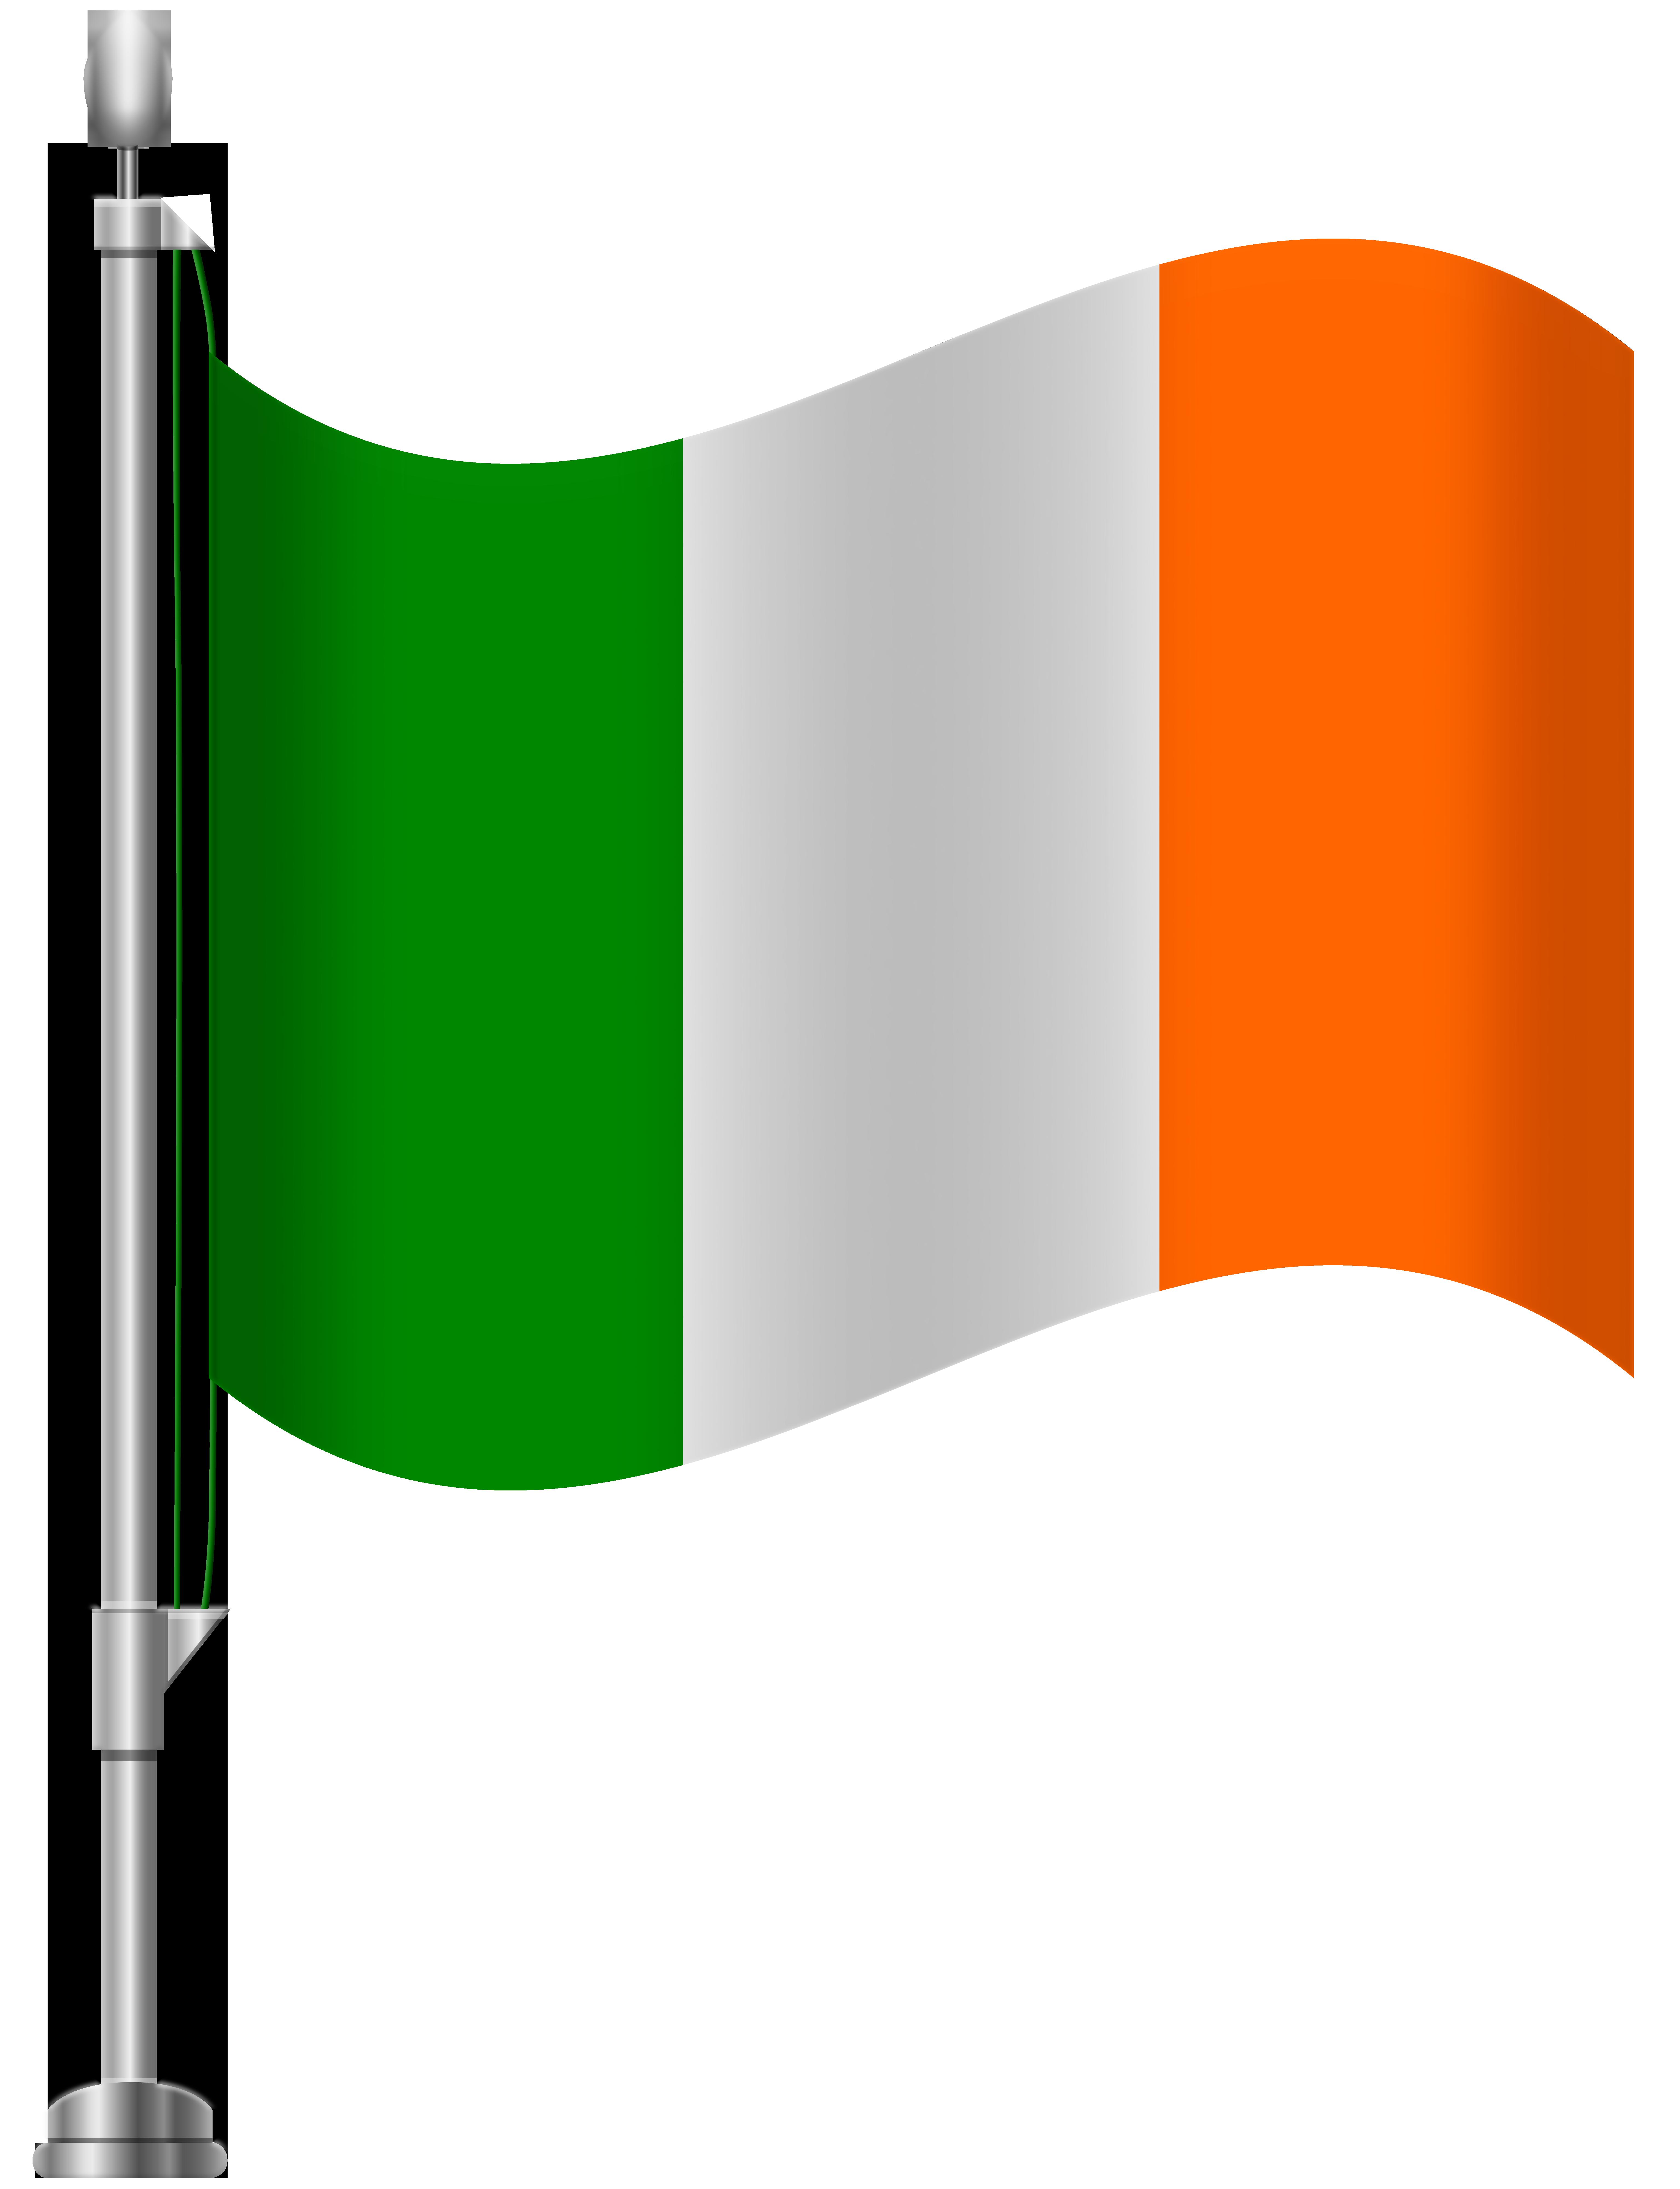 6141x8000 Ireland Flag Png Clip Art